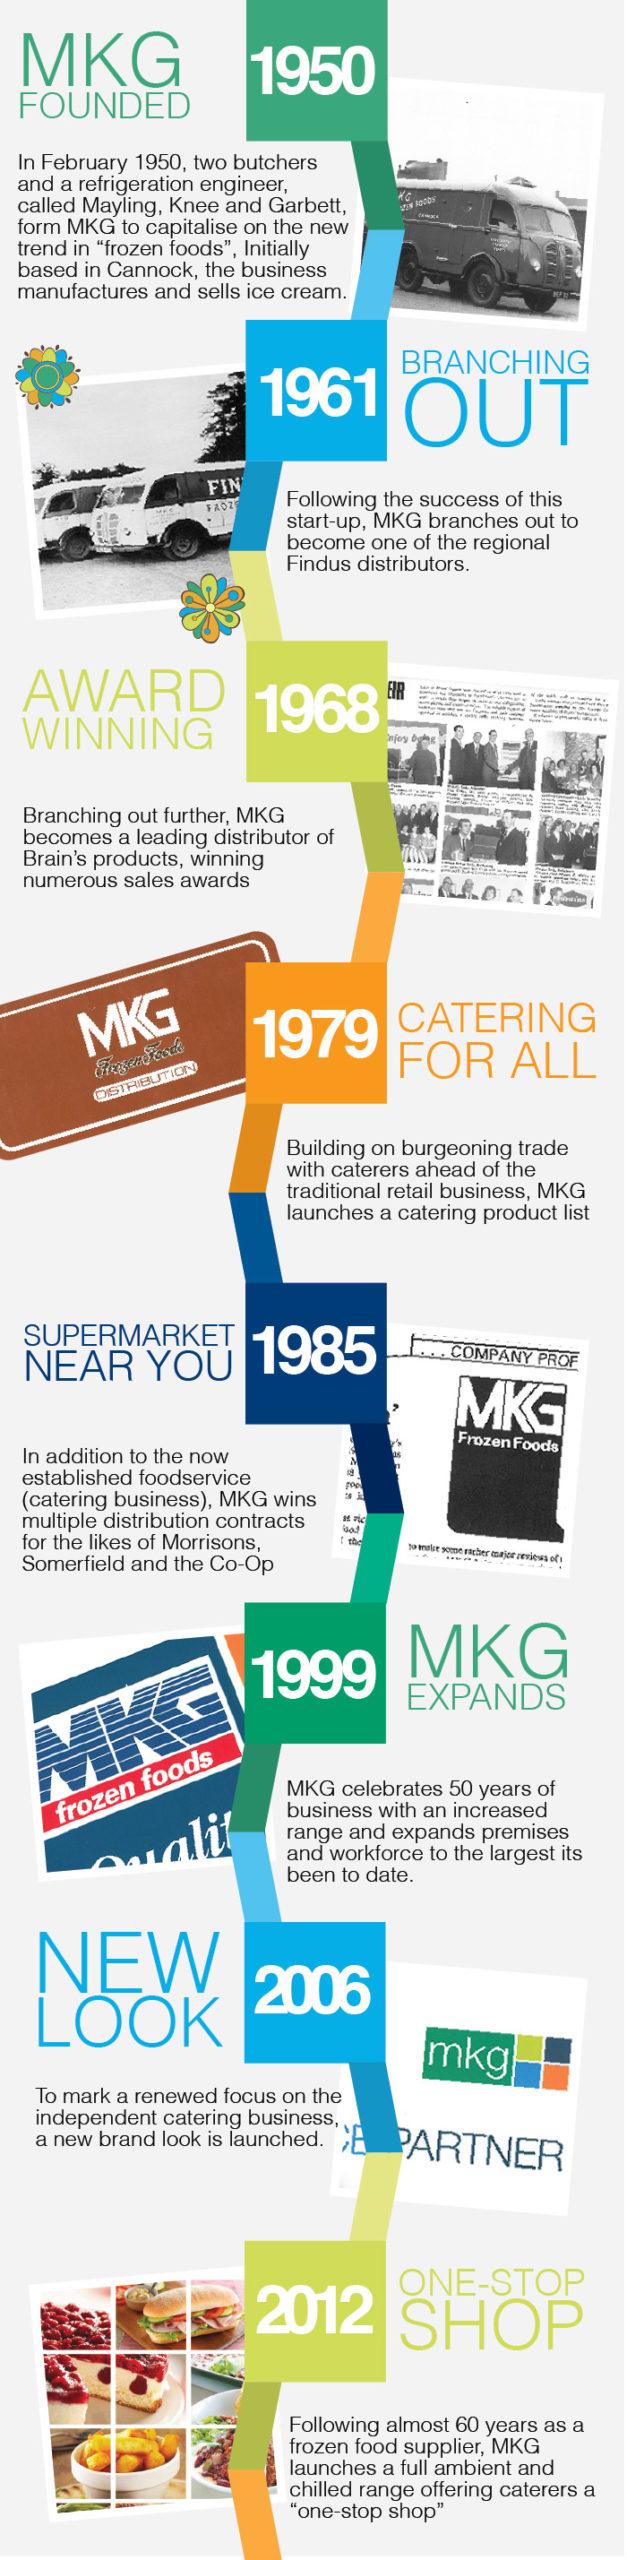 mkg timeline